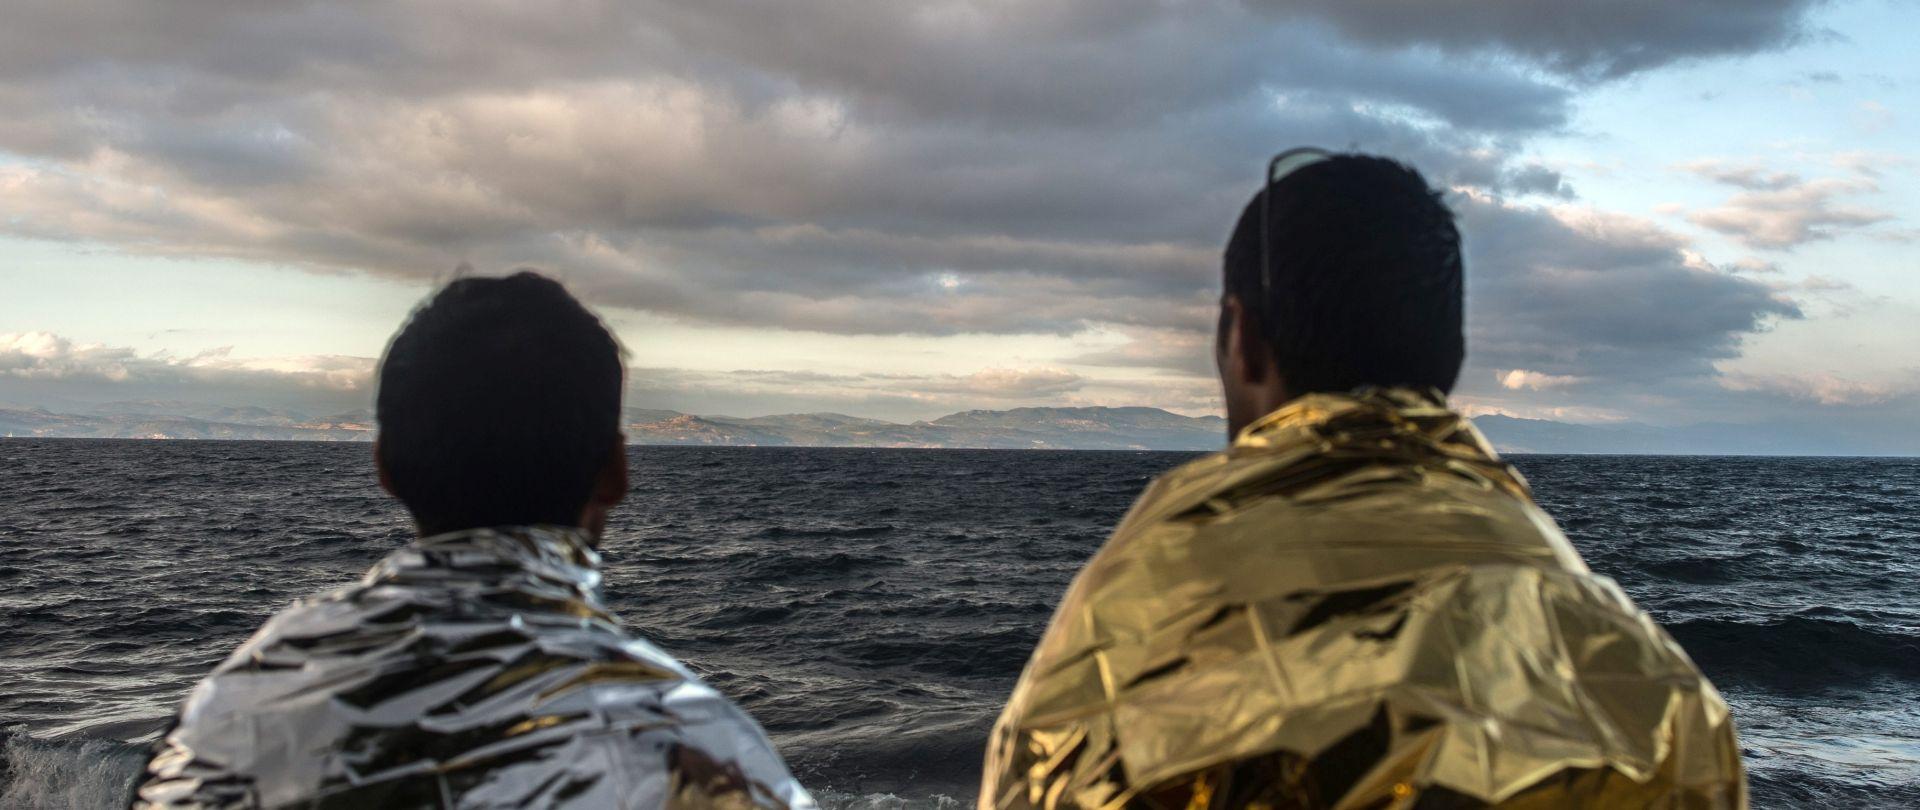 DOŠLI S IZBJEGLICAMA: Dva pariška bombaša samoubojice putovala preko Grčke